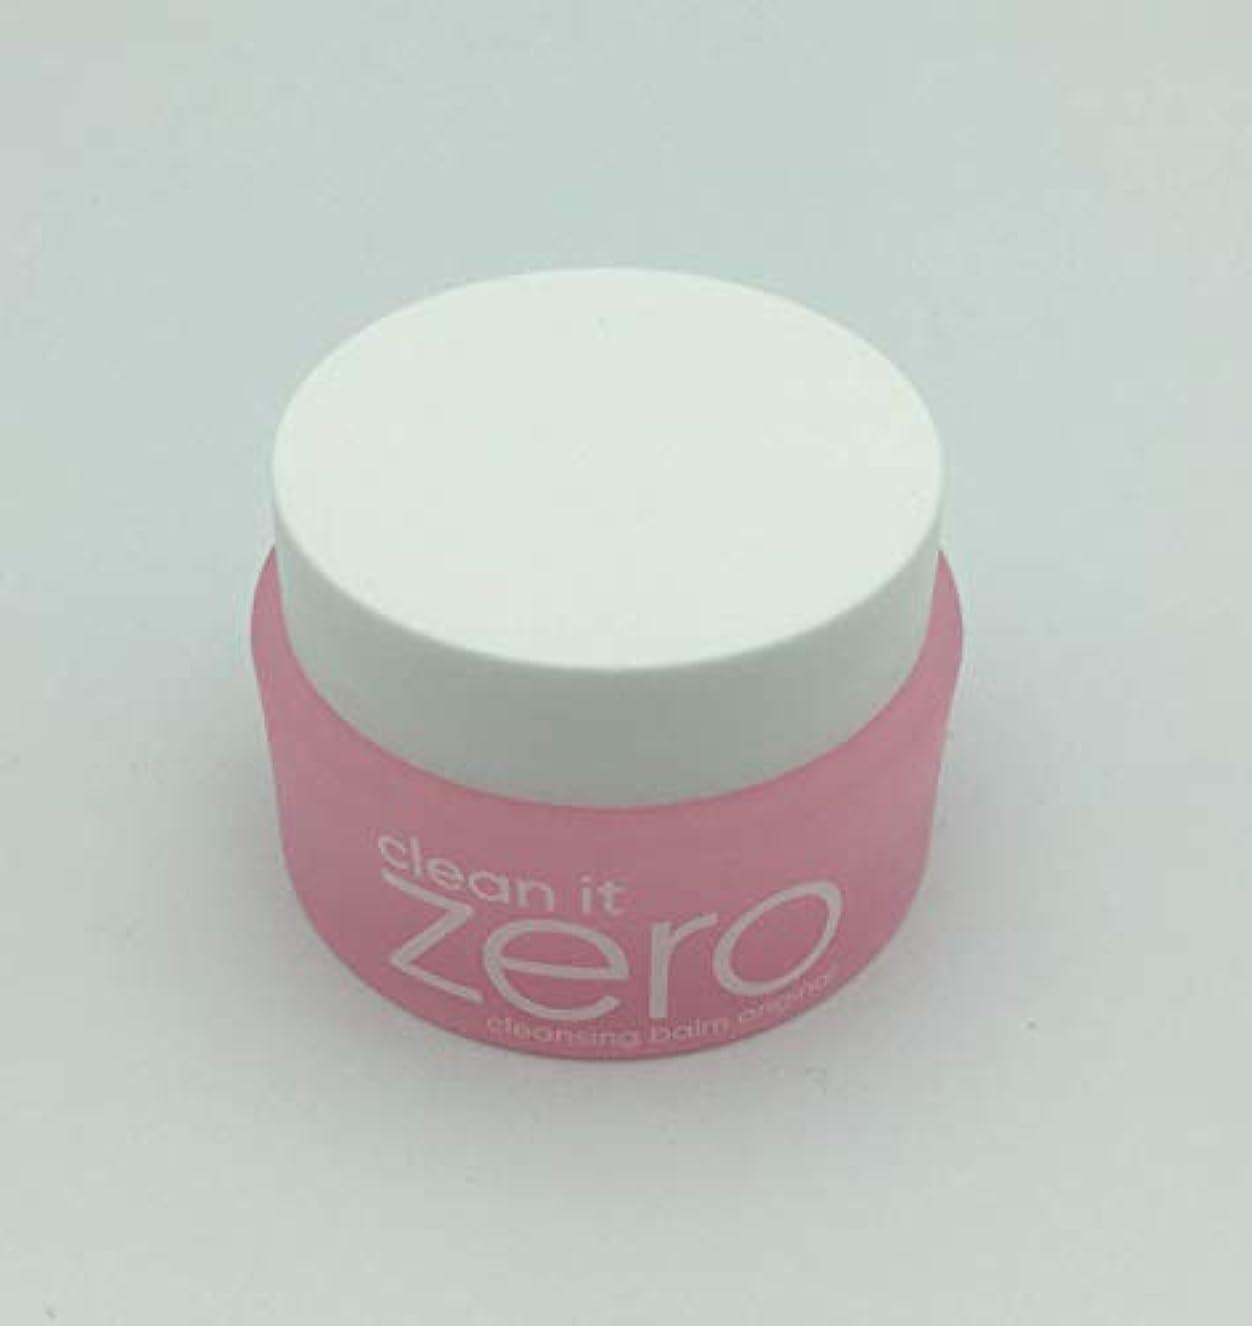 簡潔な公然と実際のバニラコ クリーン イット ゼロ クレンジング バーム オリジナル 25ml / Clean It Zero Cleansing Balm Original 25ml [並行輸入品]